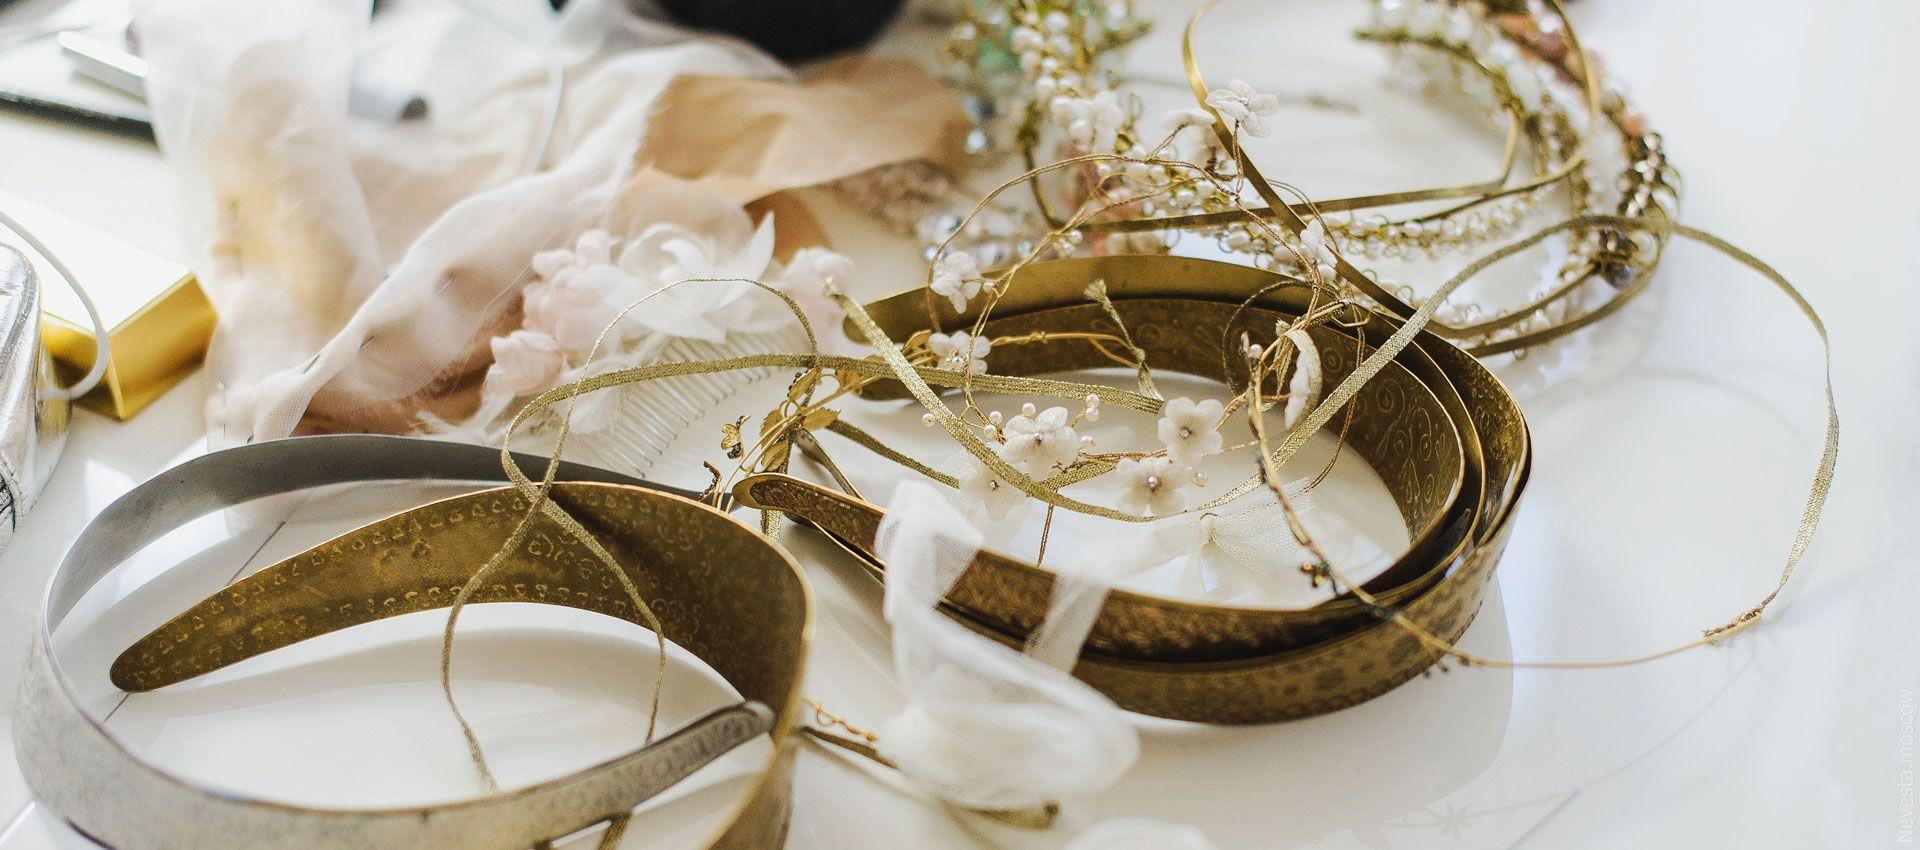 Анастасия Денисова примеряет свадебное платье фото 7